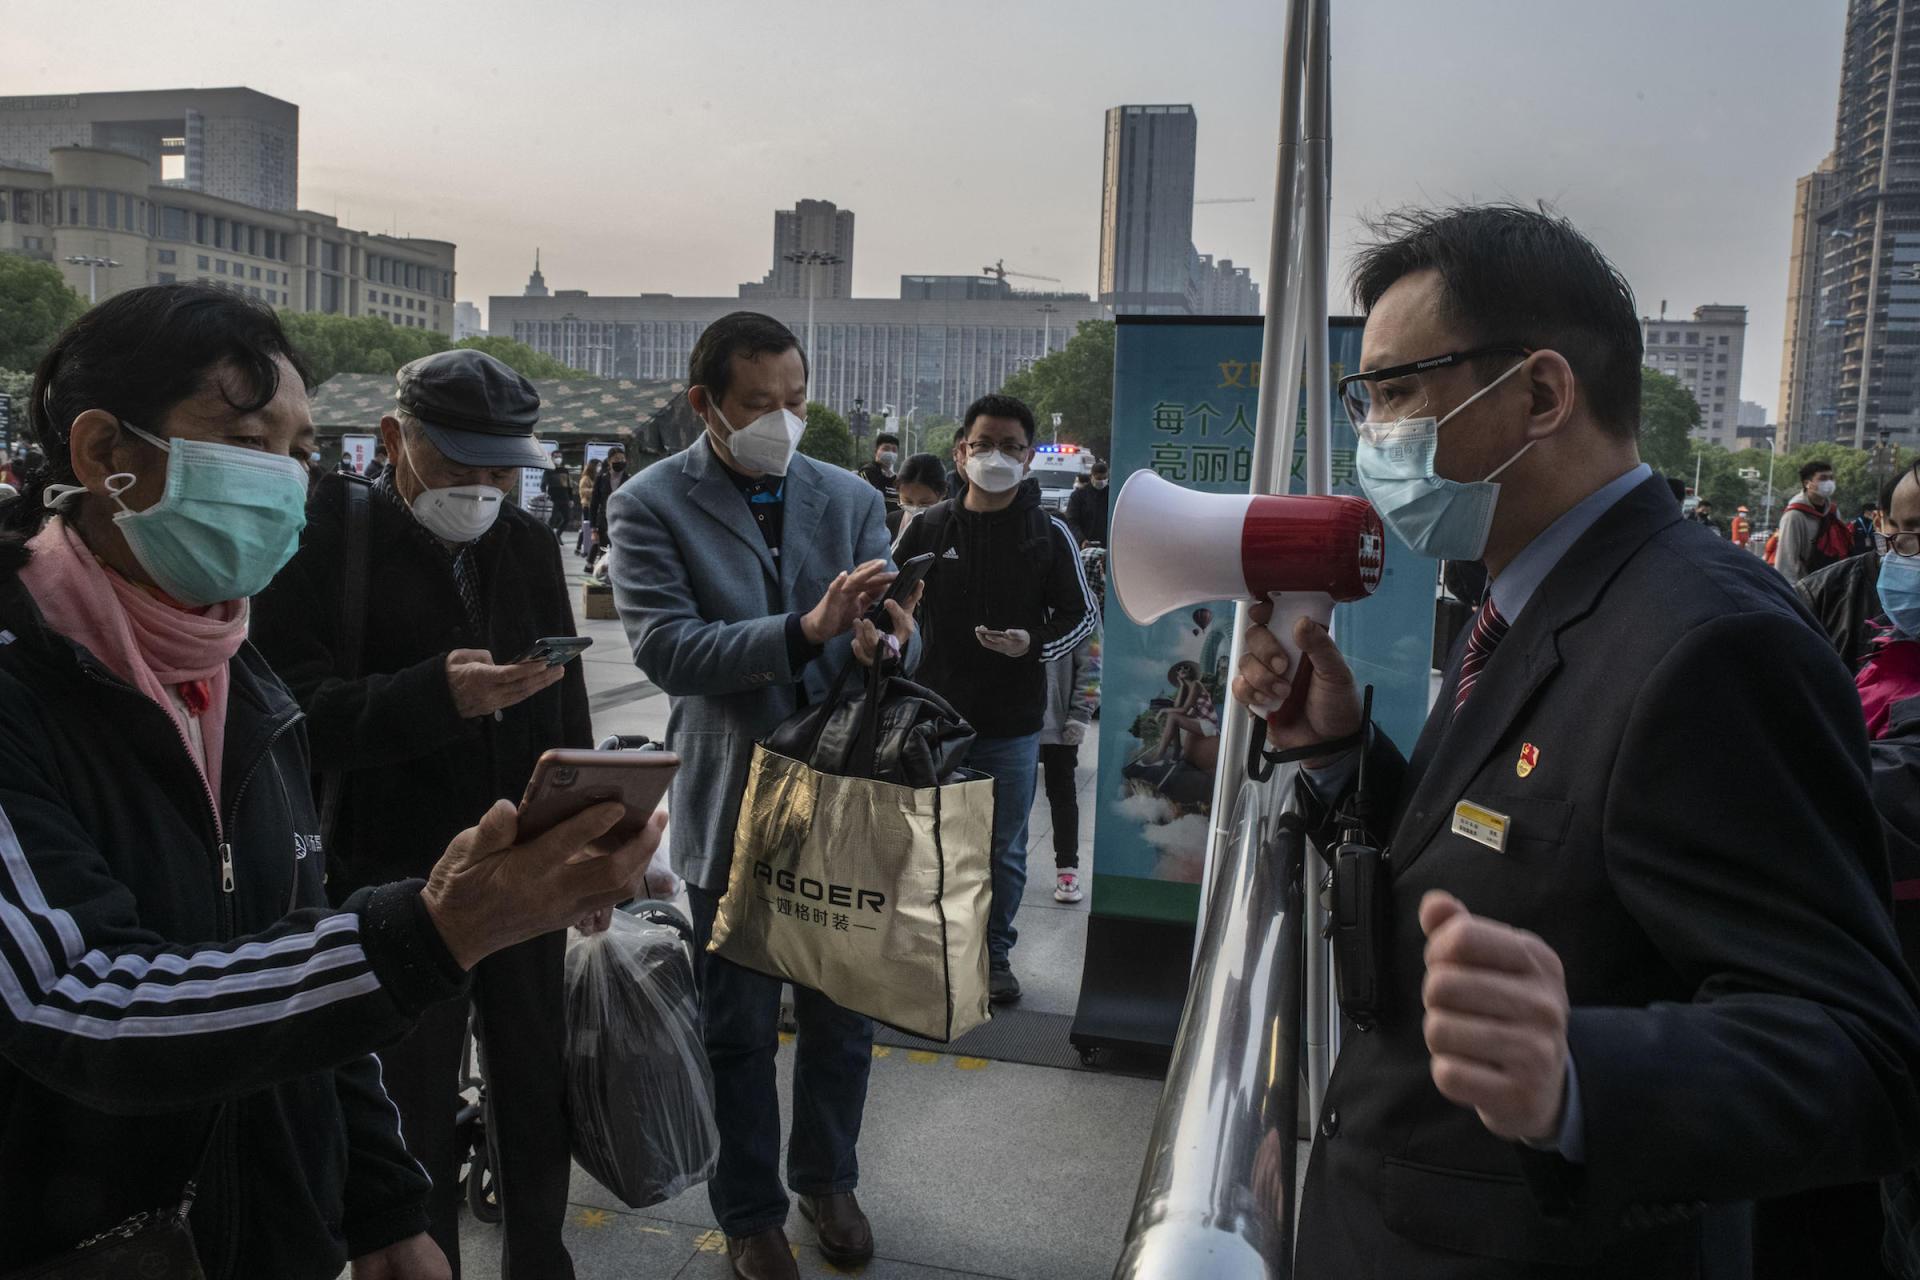 Le jour de l'autorisation des départs depuis Wuhan, un employé de la gare de Hankou aide les passagers à scanner le code QR conditionnant leur voyage, le 8 avril à Wuhan, dans la province de Hubei.